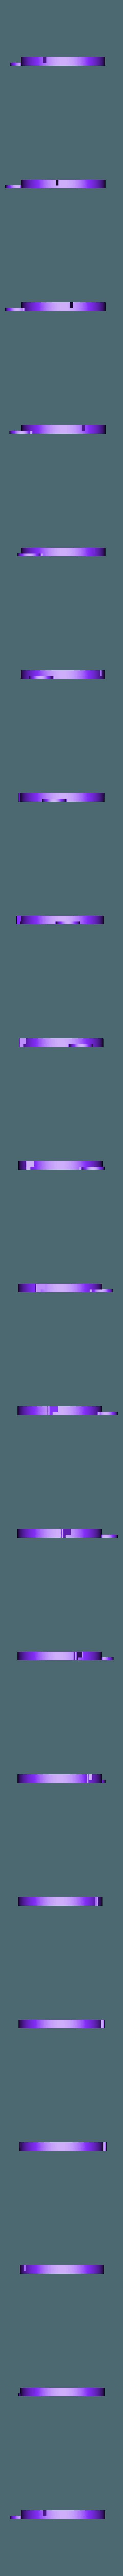 womens_day_single_color.STL Télécharger fichier STL gratuit Porte-clés de la journée internationale des femmes • Modèle pour impression 3D, MosaicManufacturing